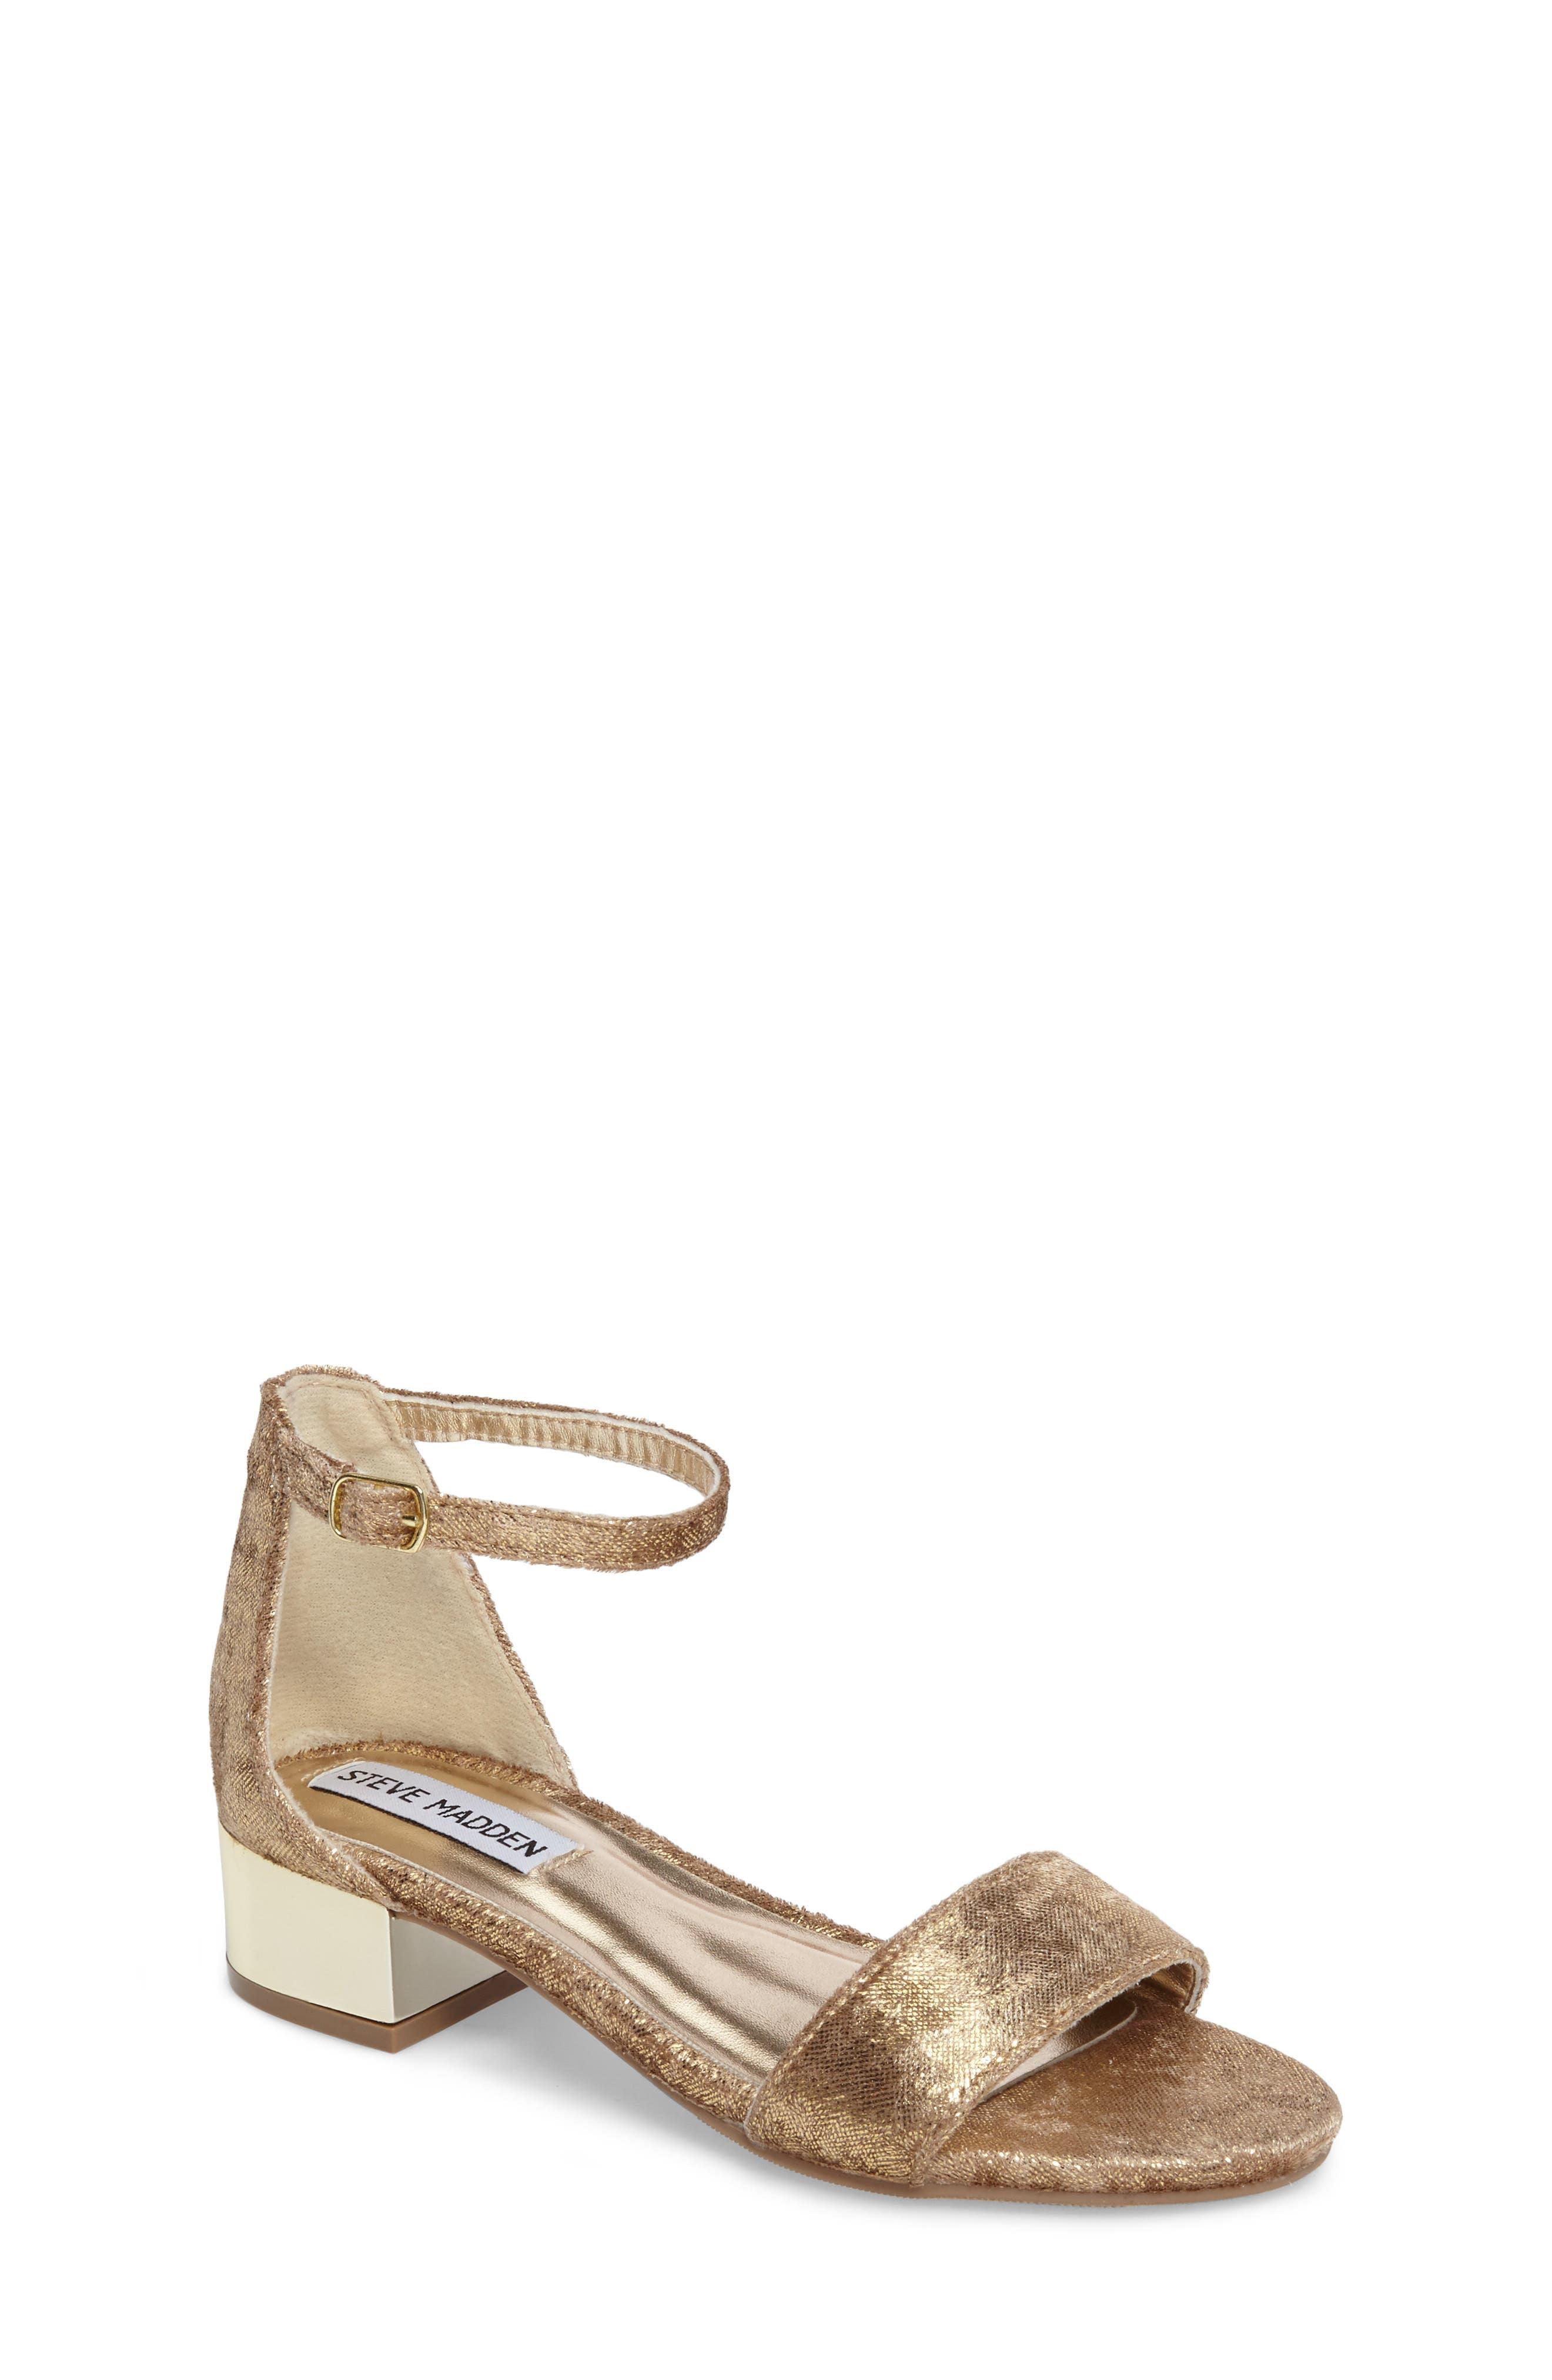 Jirene Metallic Sandal,                         Main,                         color, Gold Crushed Velvet